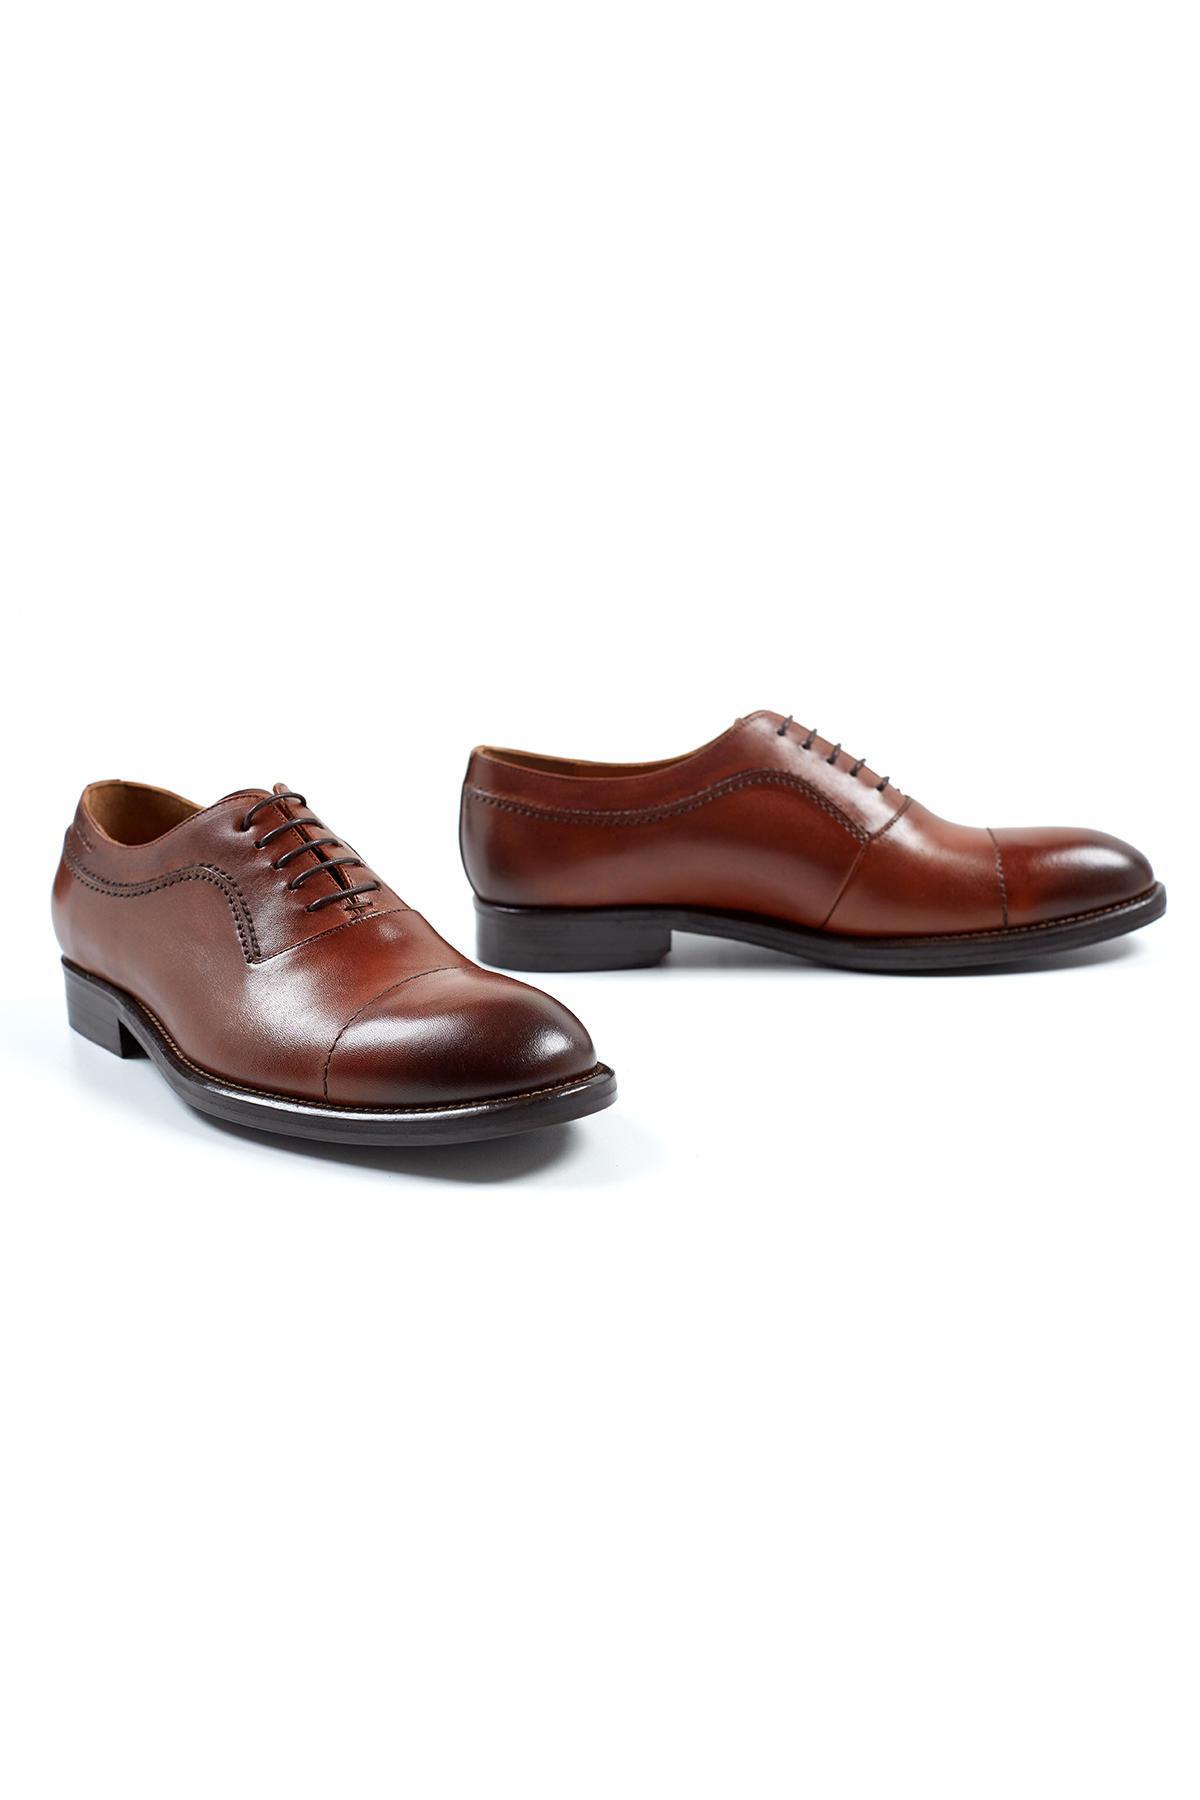 El Yapımı Taba Rengi Deri Ayakkabı